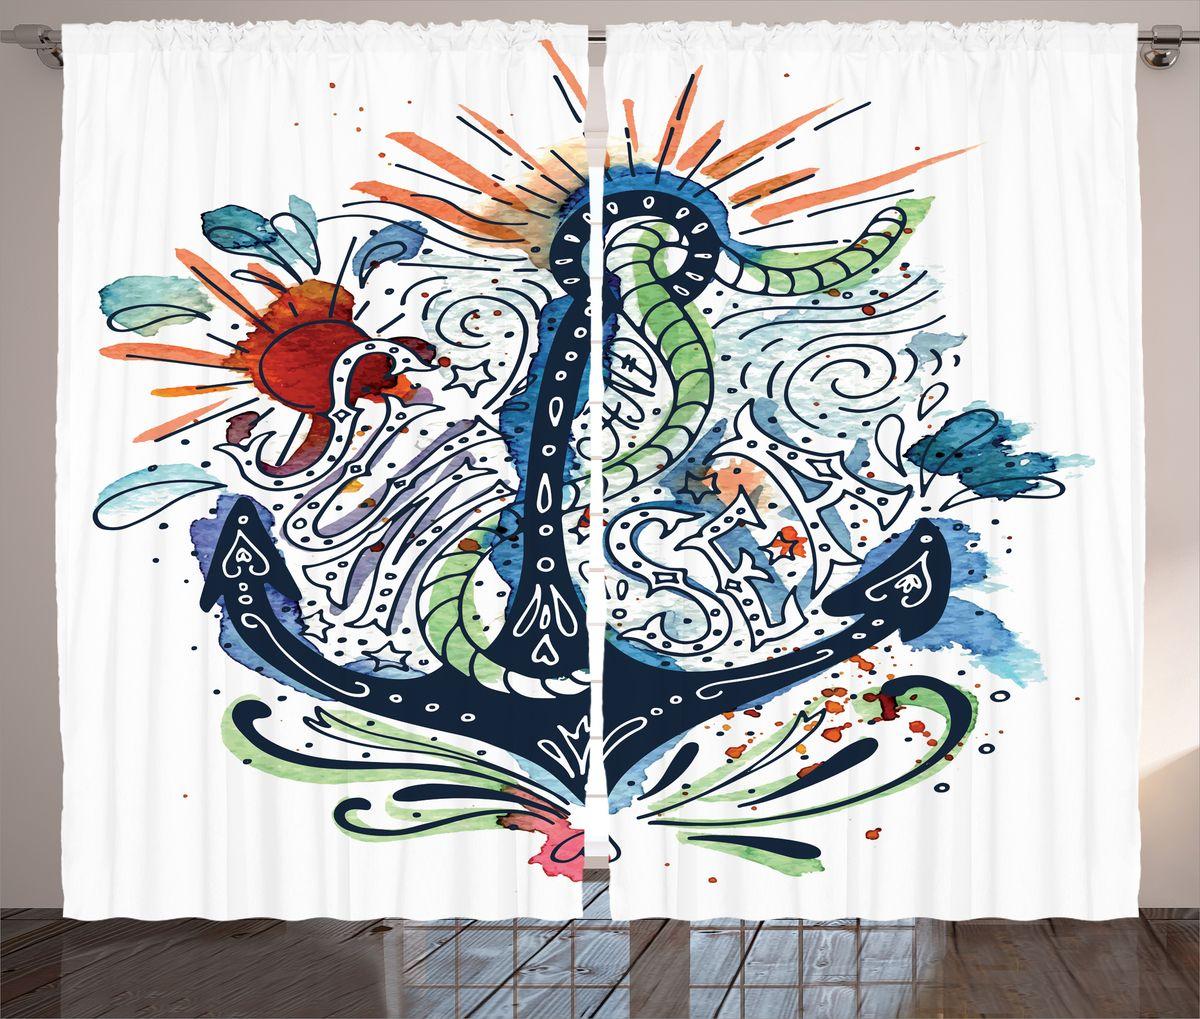 Комплект фотоштор Magic Lady Sun and sea, на ленте, высота 265 см. шсг_15936шсг_15936Компания Сэмболь изготавливает шторы из высококачественного сатена (полиэстер 100%). При изготовлении используются специальные гипоаллергенные чернила для прямой печати по ткани, безопасные для человека и животных. Экологичность продукции Magic lady и безопасность для окружающей среды подтверждены сертификатом Oeko-Tex Standard 100. Крепление: крючки для крепления на шторной ленте (50 шт). Возможно крепление на трубу. Внимание! При нанесении сублимационной печати на ткань технологическим методом при температуре 240°С, возможно отклонение полученных размеров (указанных на этикетке и сайте) от стандартных на + - 3-5 см. Производитель старается максимально точно передать цвета изделия на фотографиях, однако искажения неизбежны и фактический цвет изделия может отличаться от воспринимаемого по фото. Обратите внимание! Шторы изготовлены из полиэстра сатенового переплетения, а не из сатина (хлопок). Размер одного полотна шторы: 145х265 см. В комплекте 2 полотна шторы и 50 крючков.